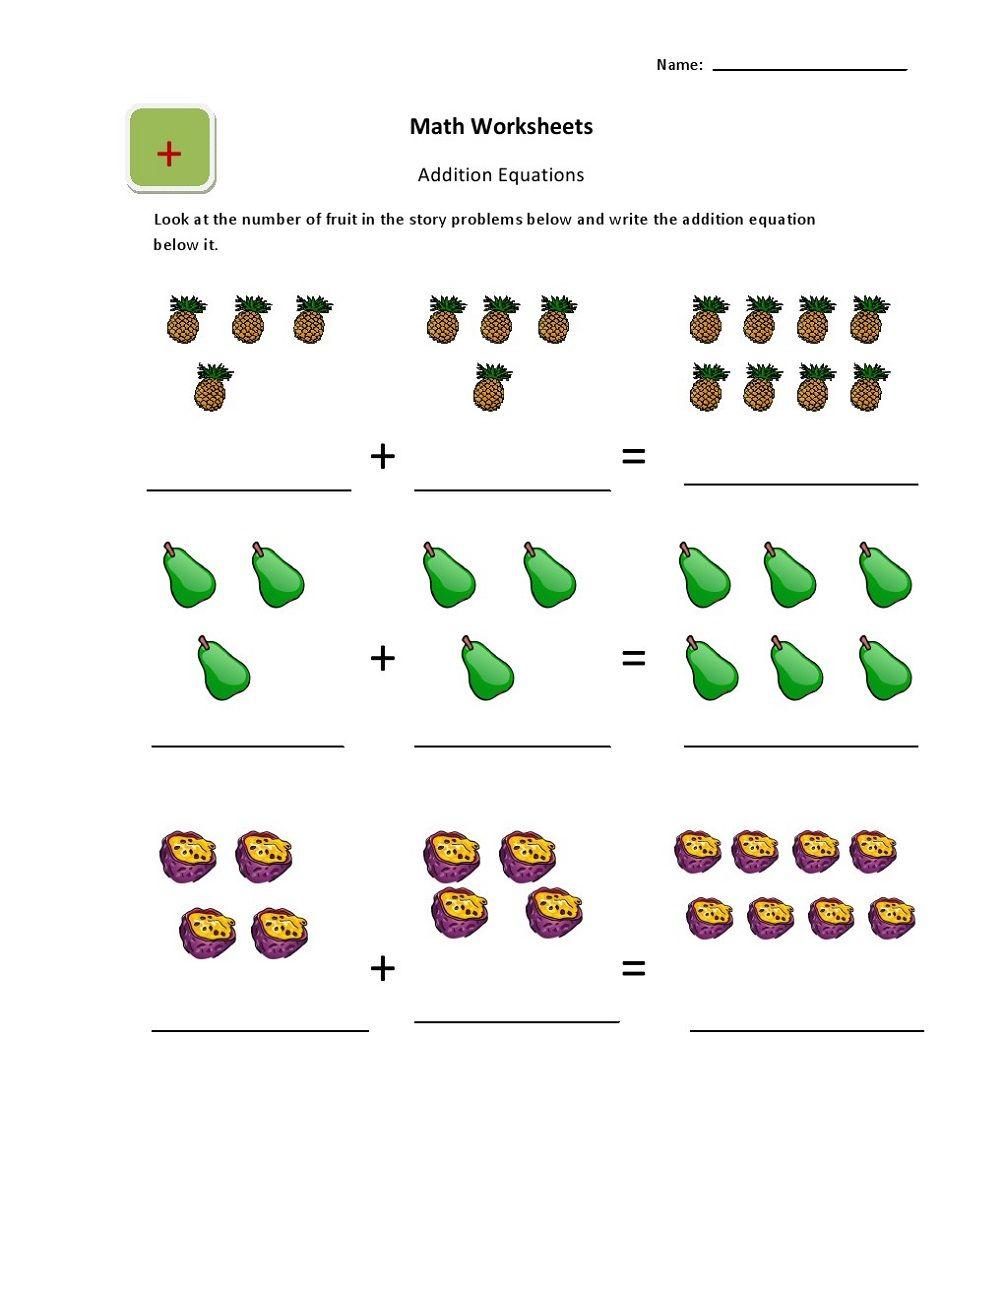 ukg worksheets children learning printable kids worksheets printable. Black Bedroom Furniture Sets. Home Design Ideas